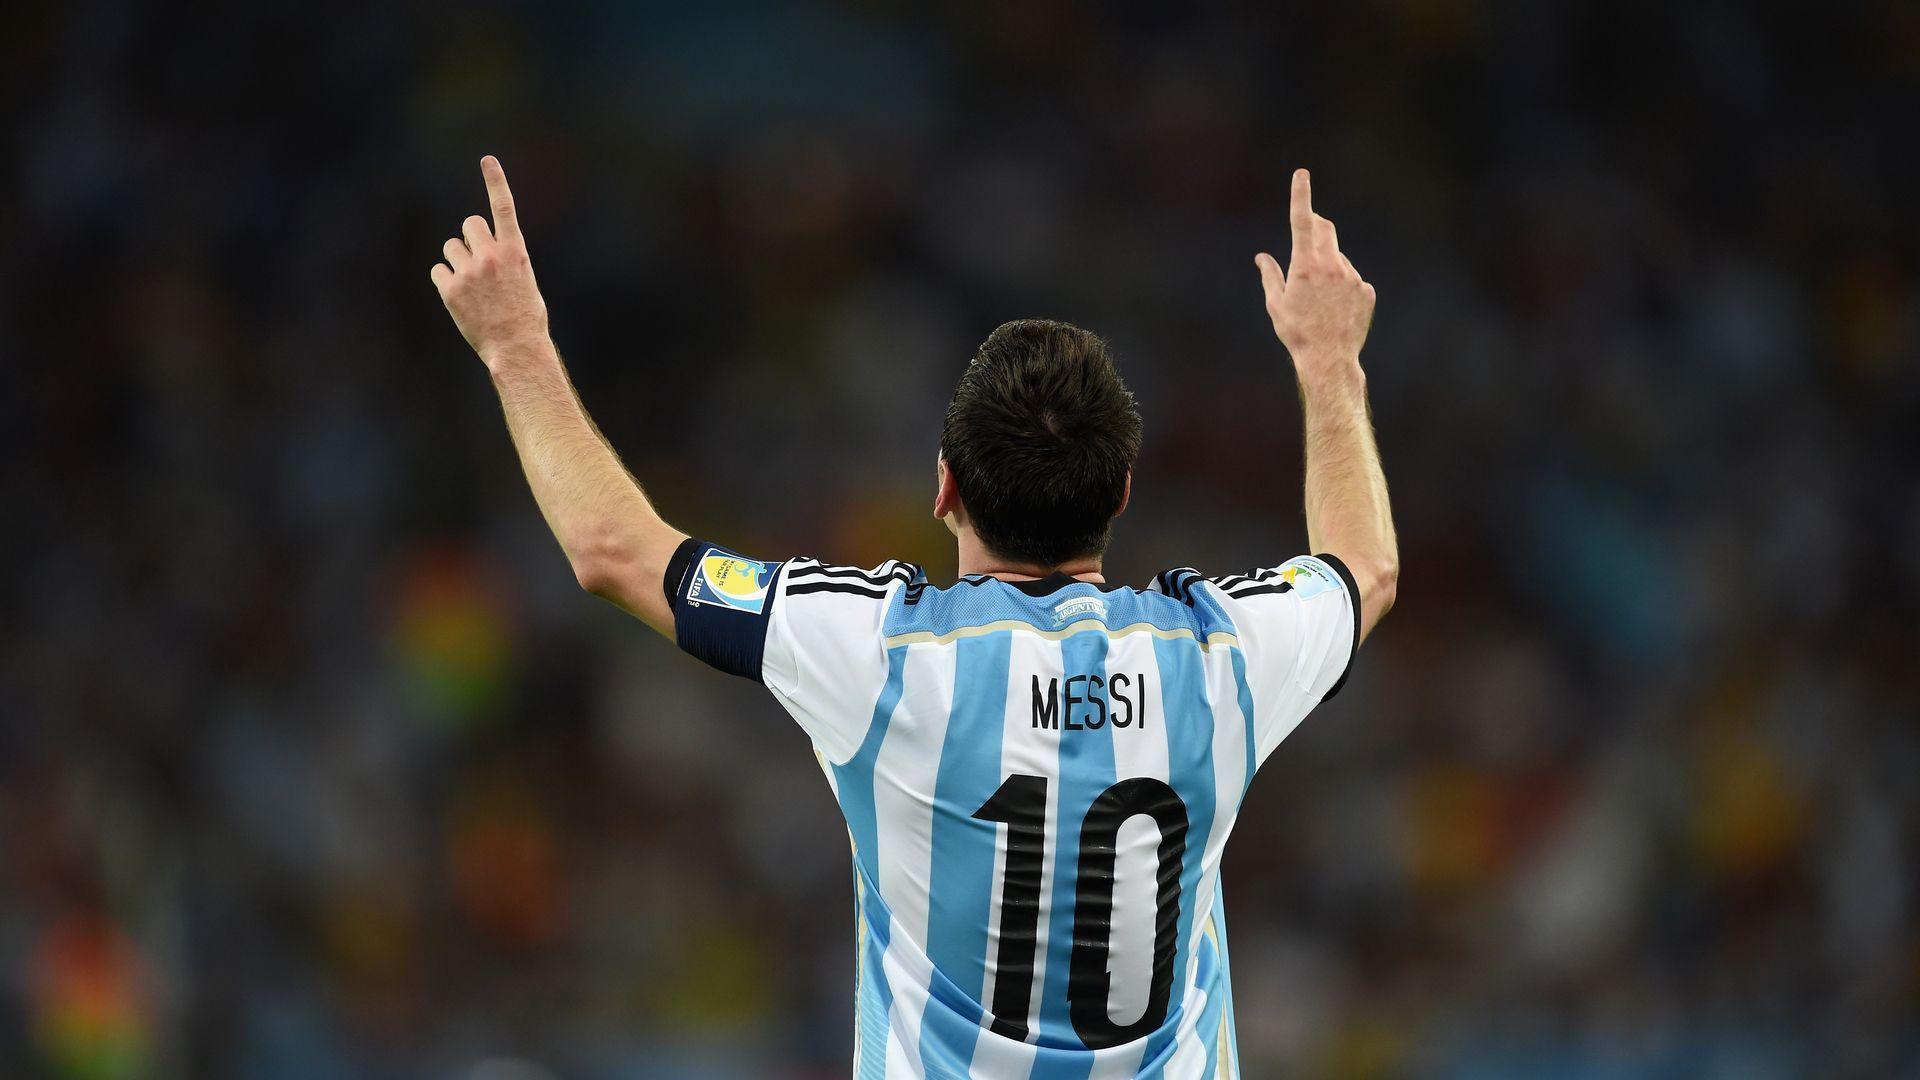 阿根廷出线稳了!恐难重蹈国足悲剧,对手最后一战将放水